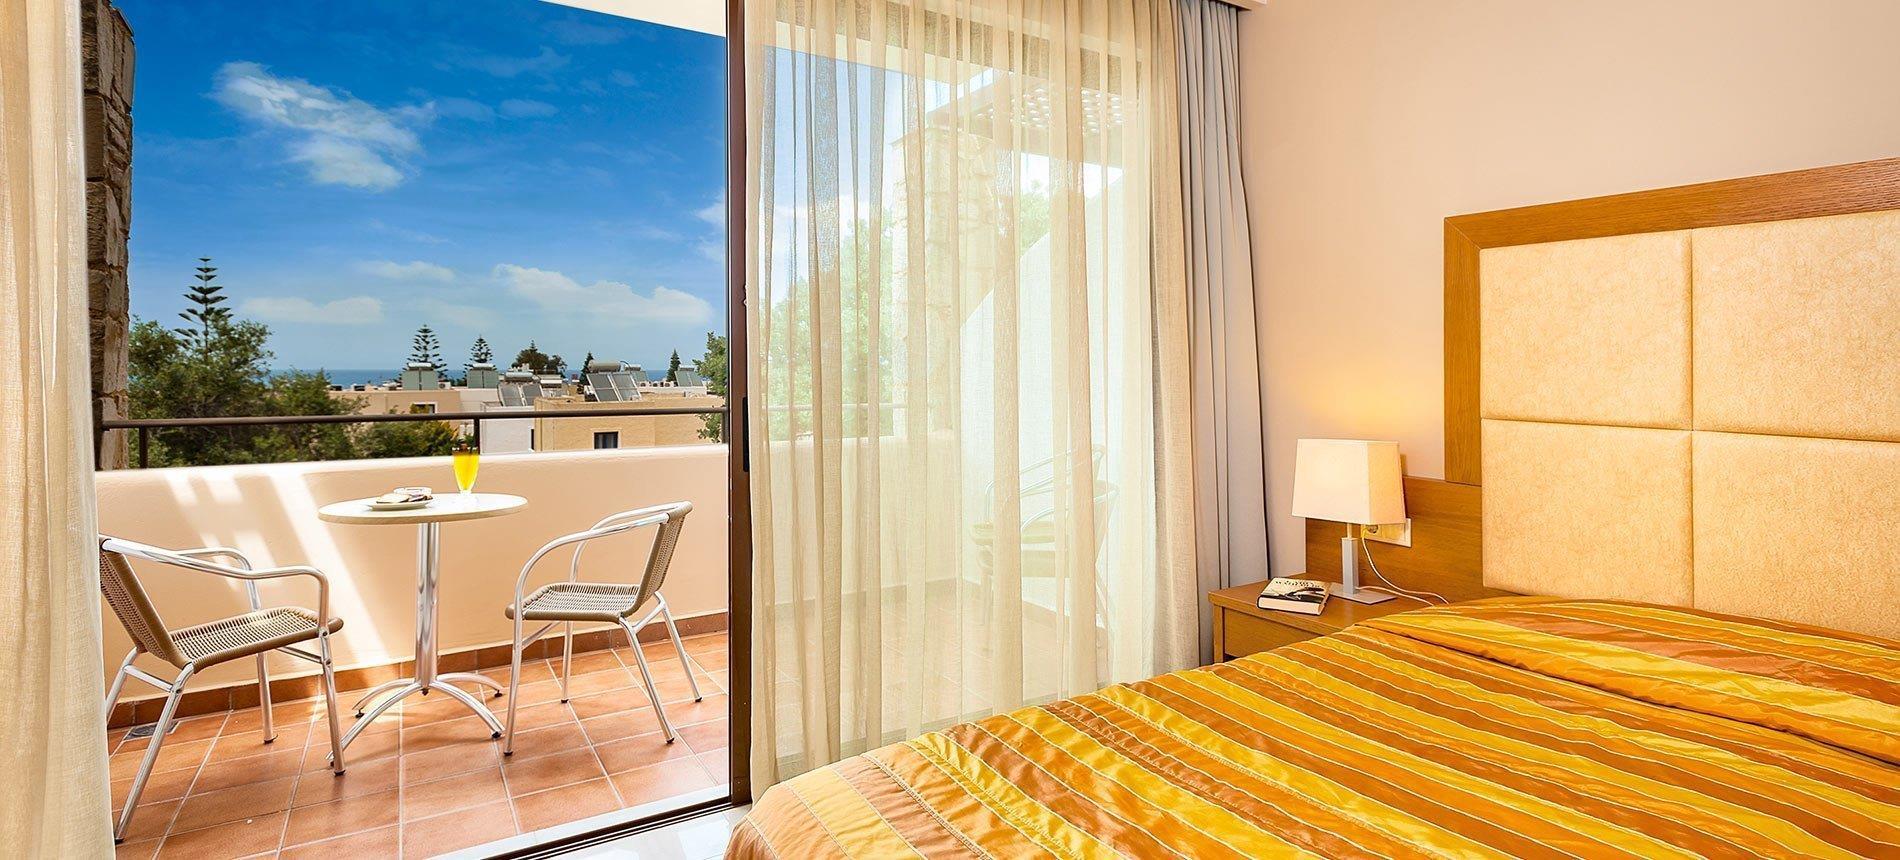 sirios-village-luxury-hotel-bungalows-genel-003